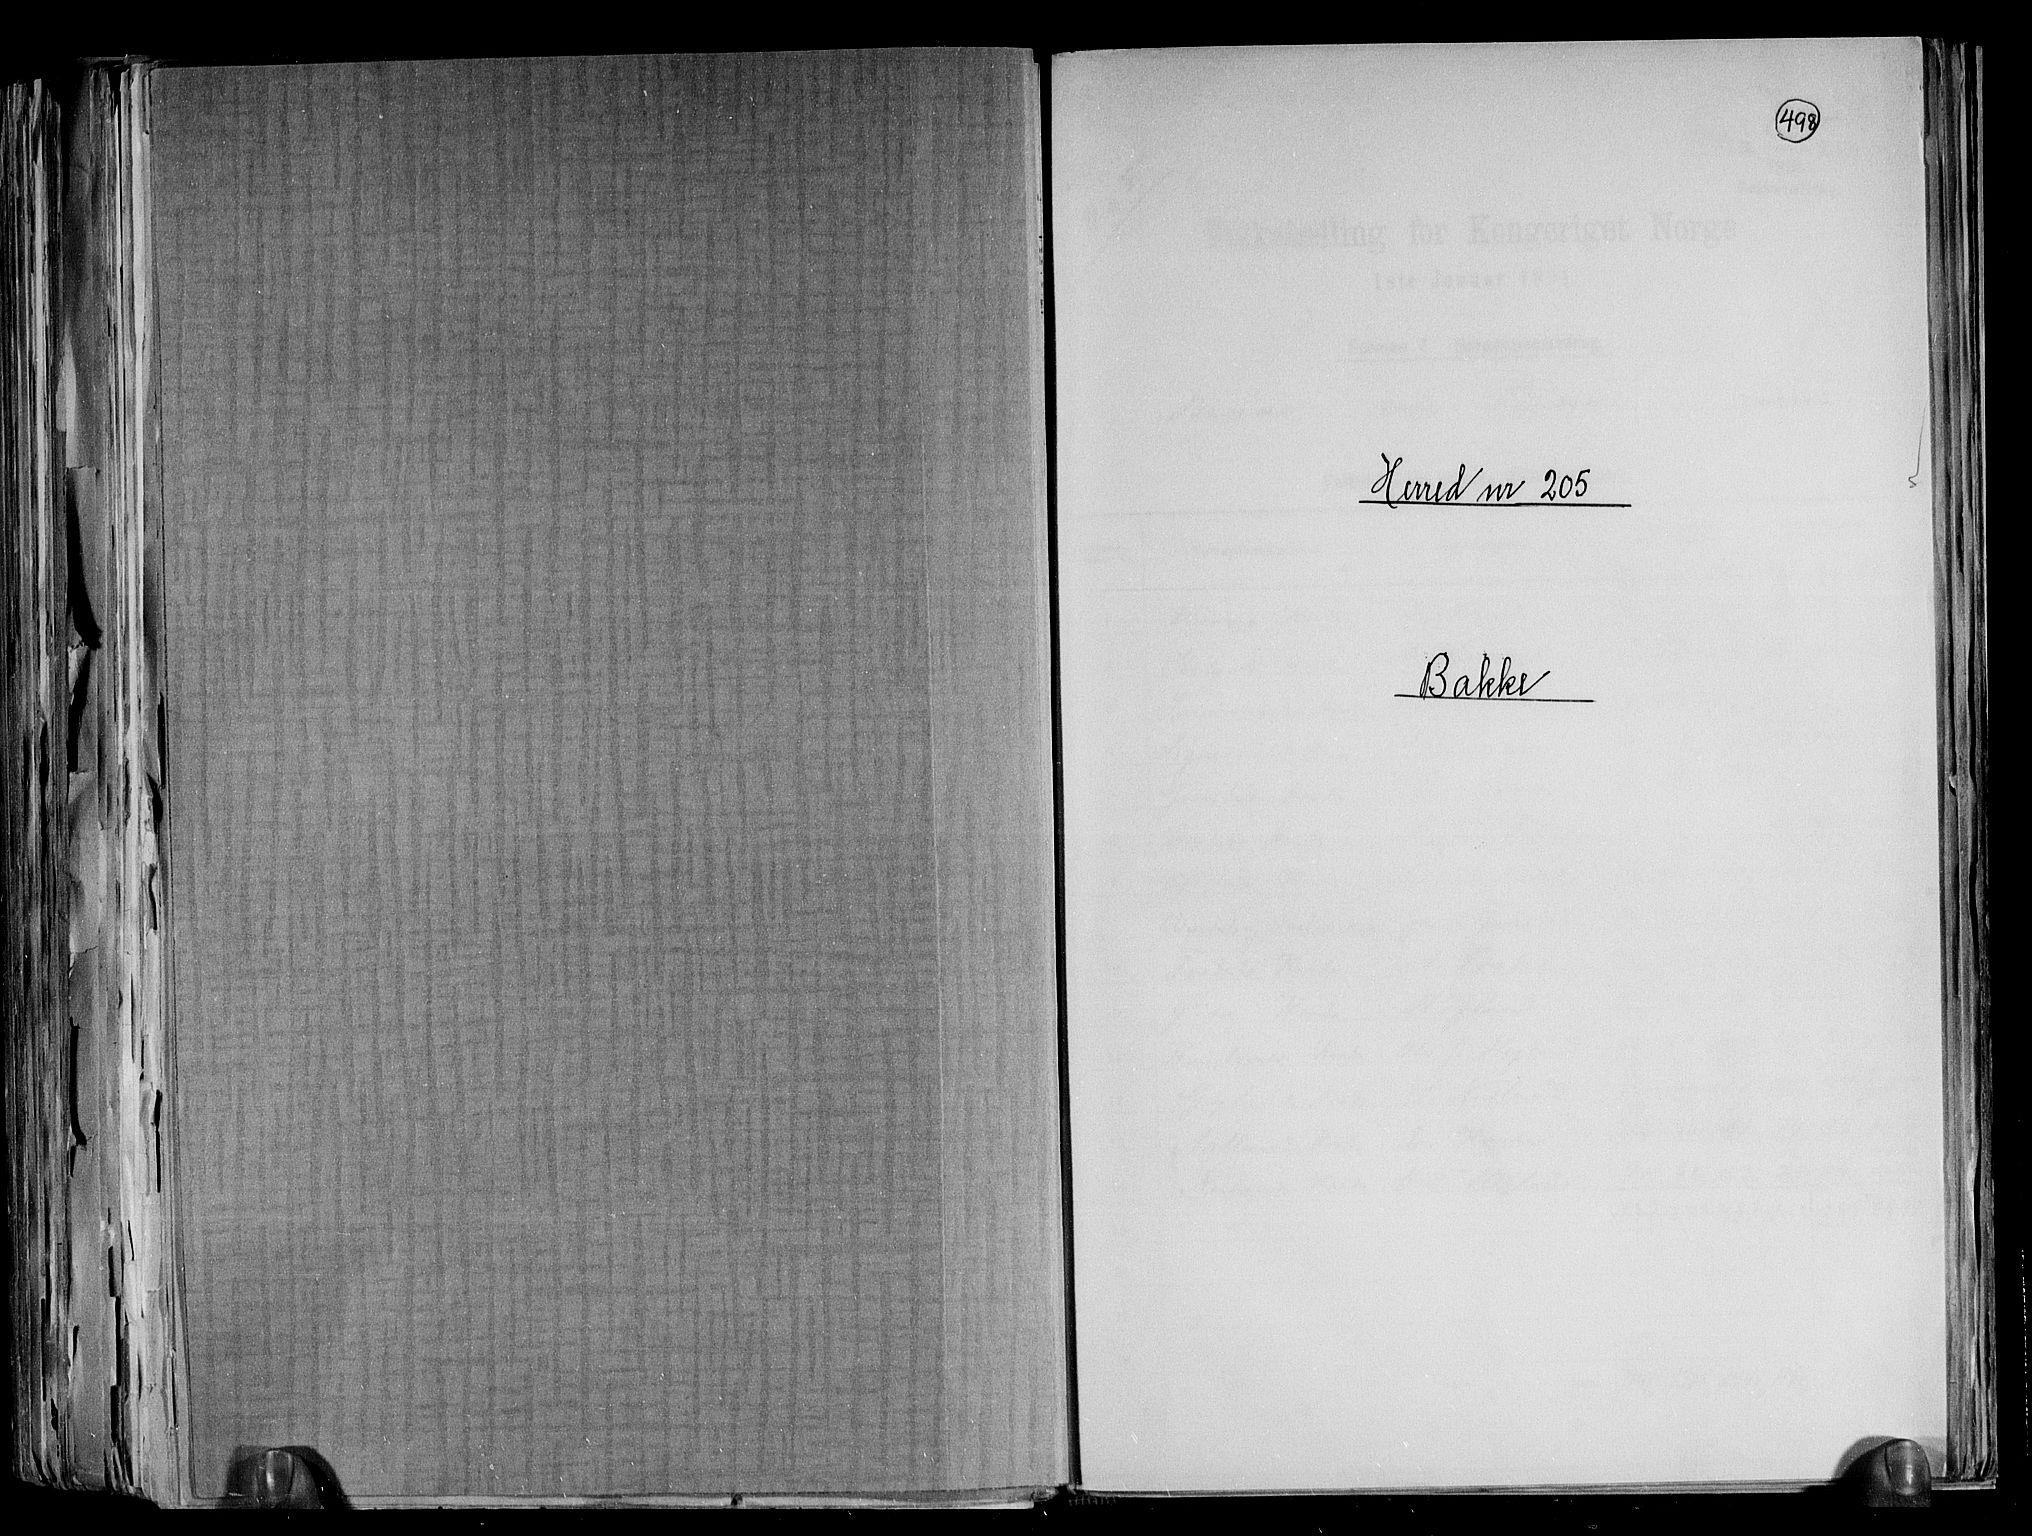 RA, Folketelling 1891 for 1045 Bakke herred, 1891, s. 1